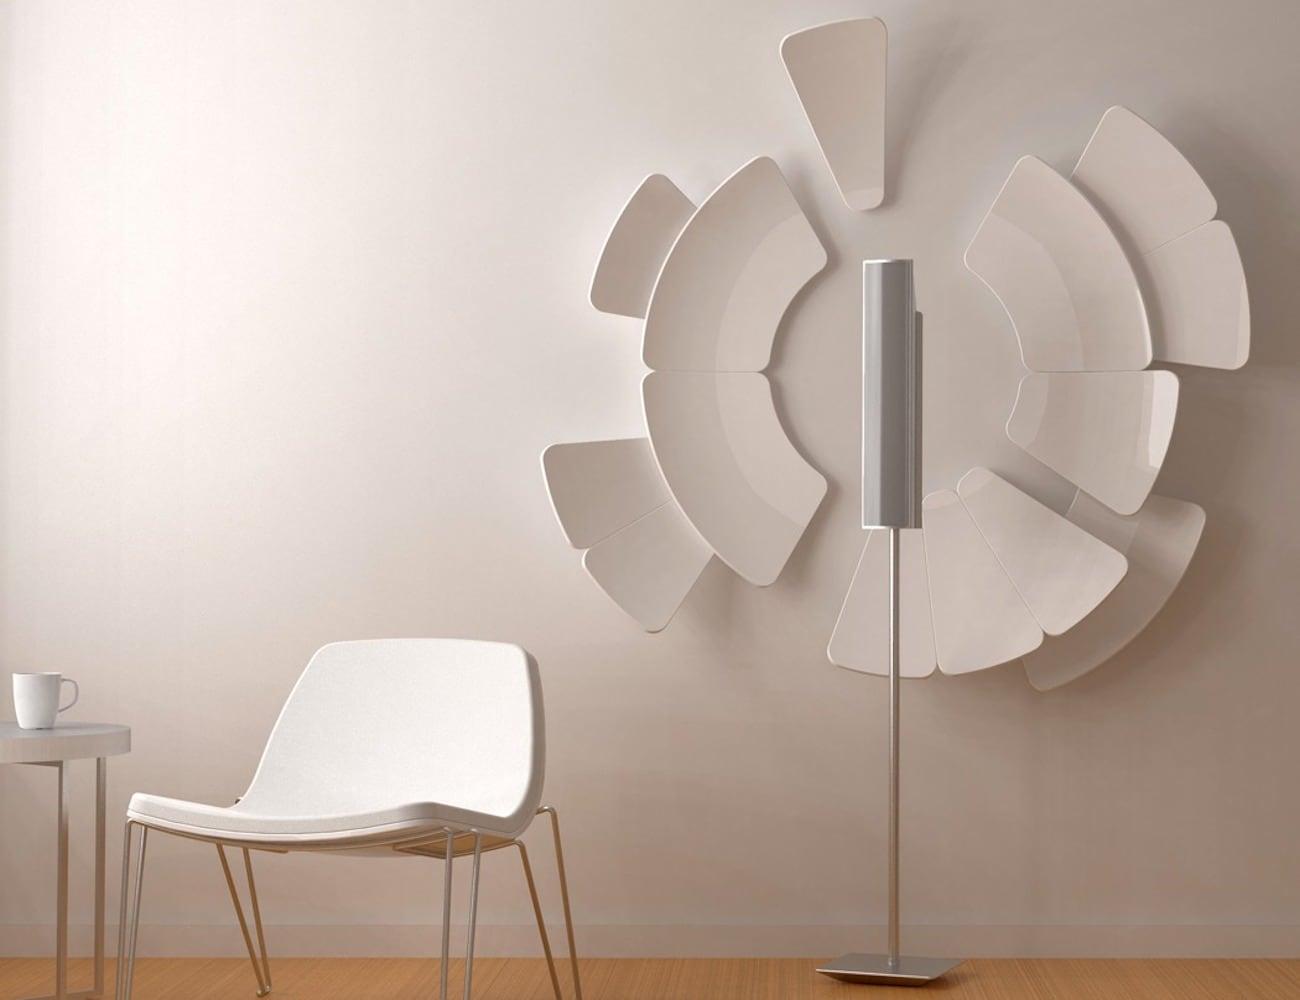 Grau Design Petalis Petal Shaped Acoustic Amplifiers are part intuitive sound design part art installation